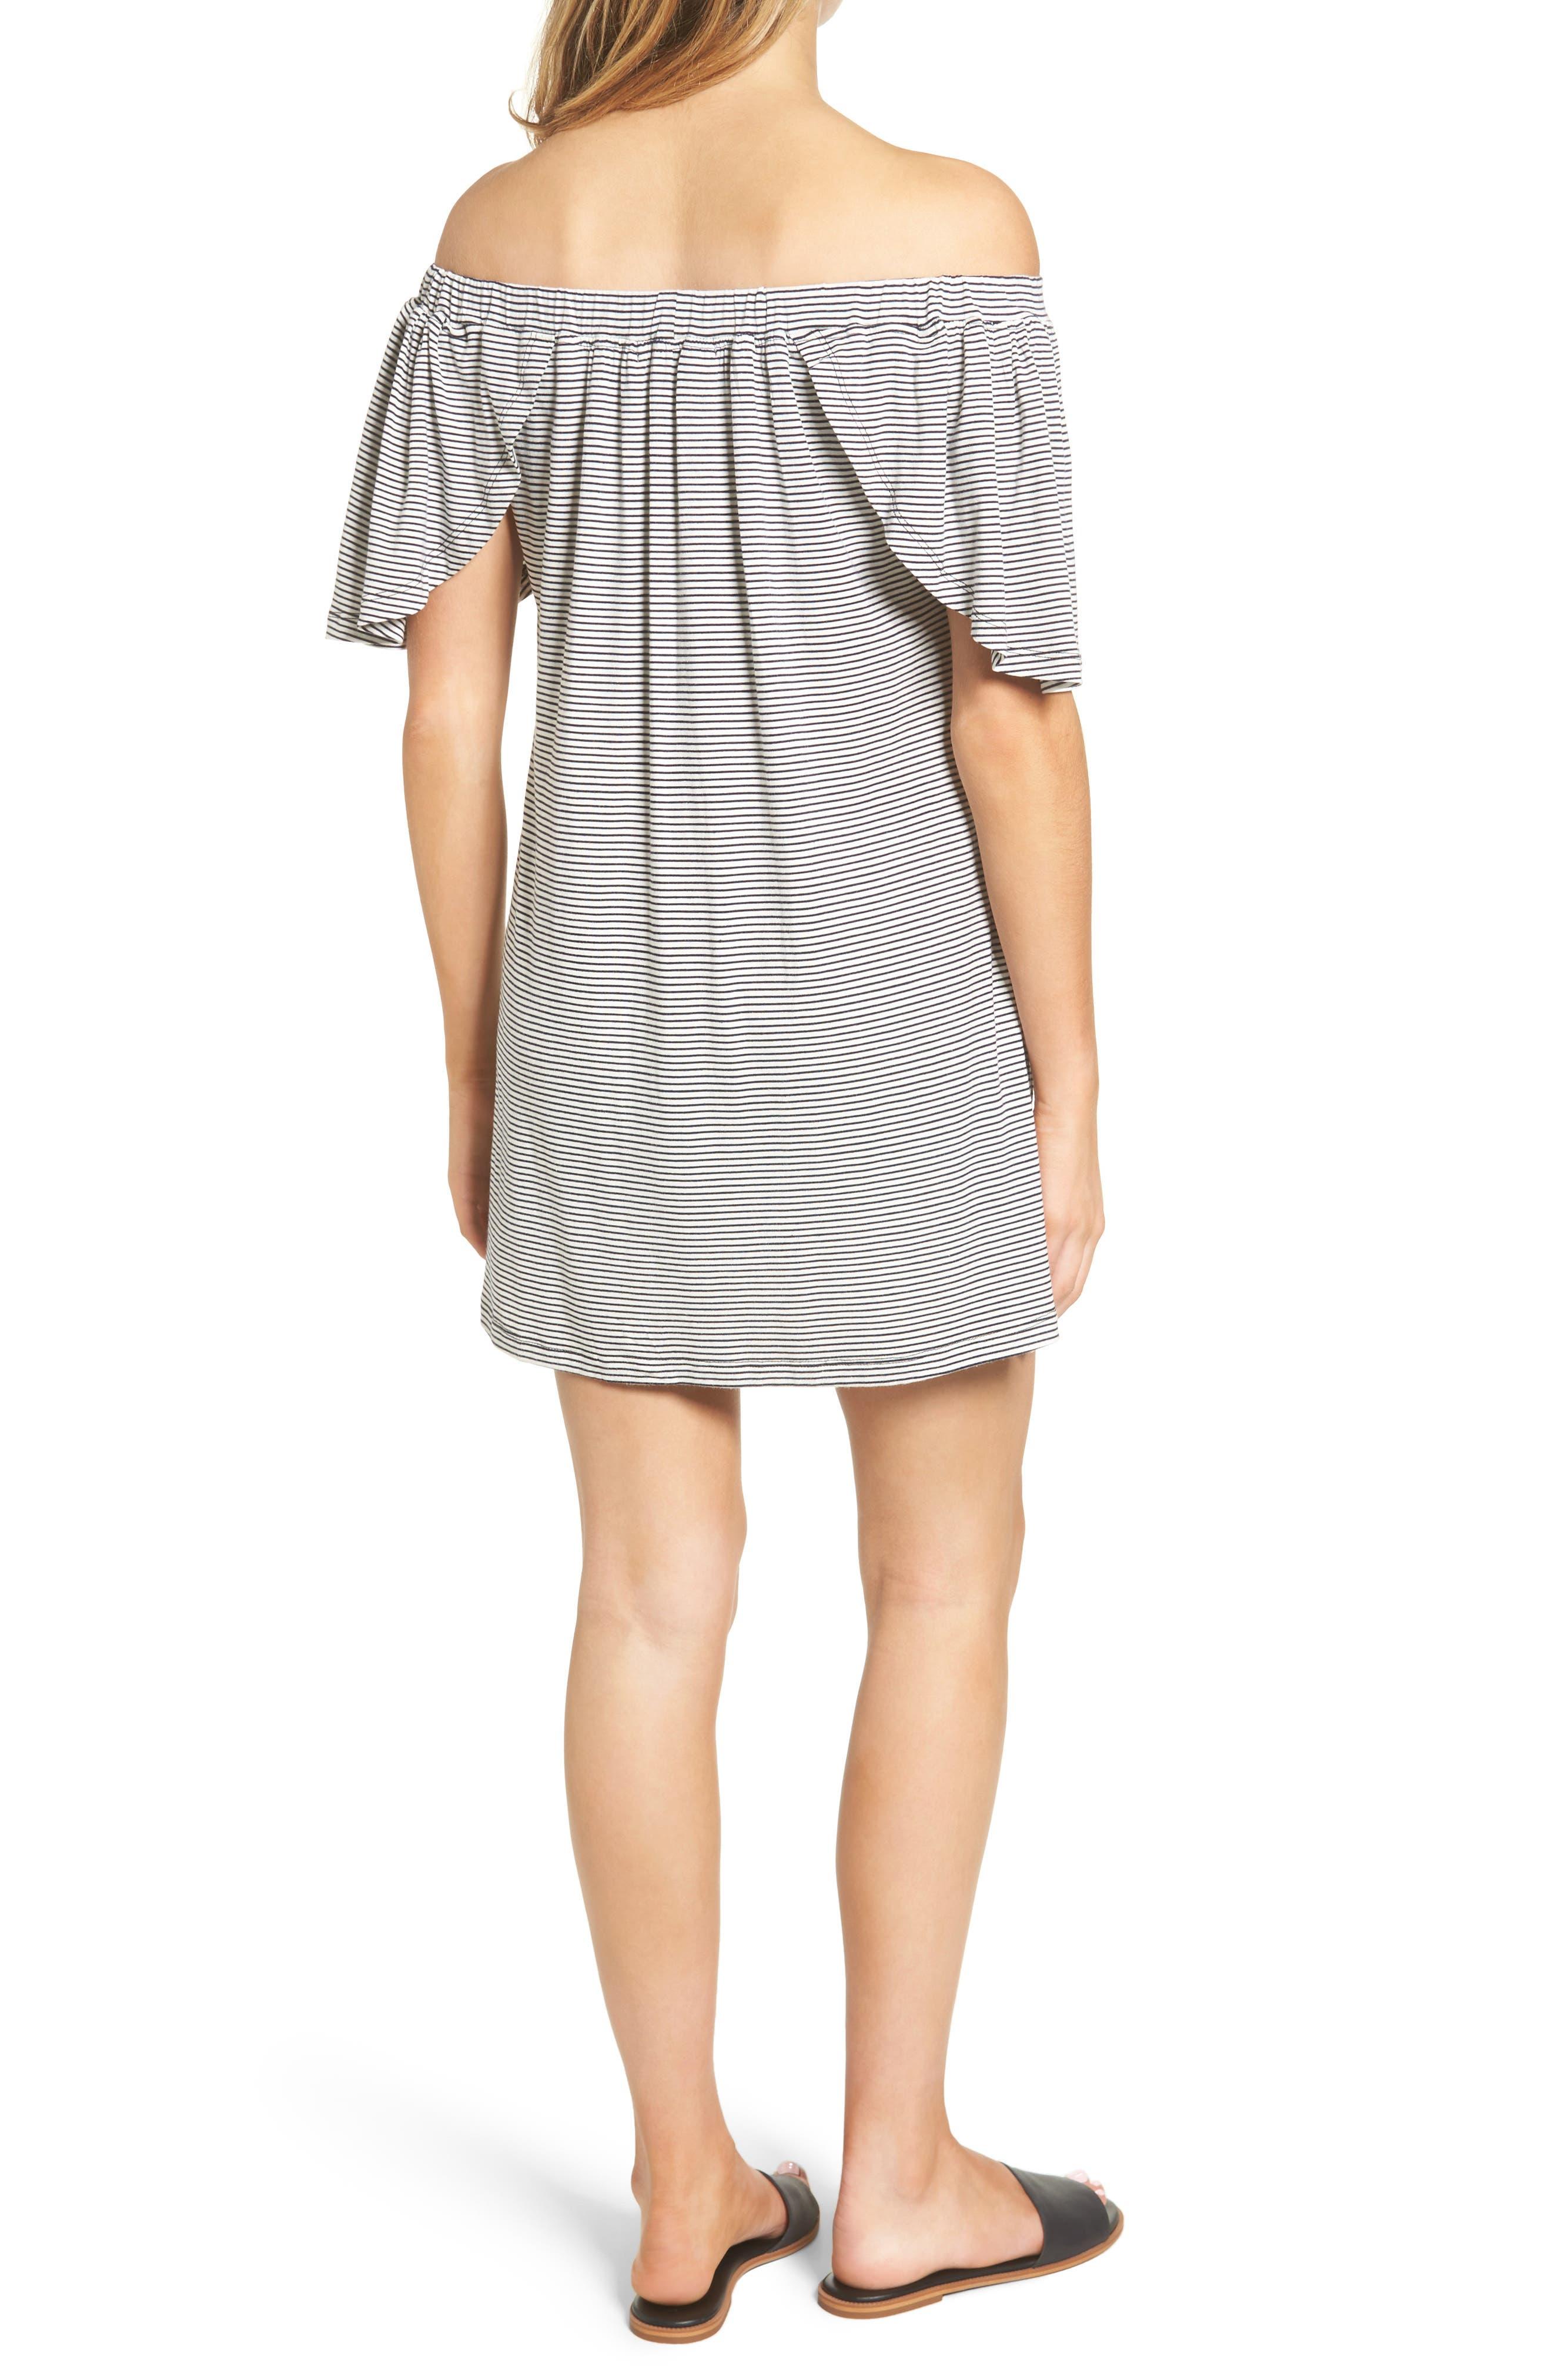 Alternate Image 2  - Delacy Marley Off the Shoulder Minidress